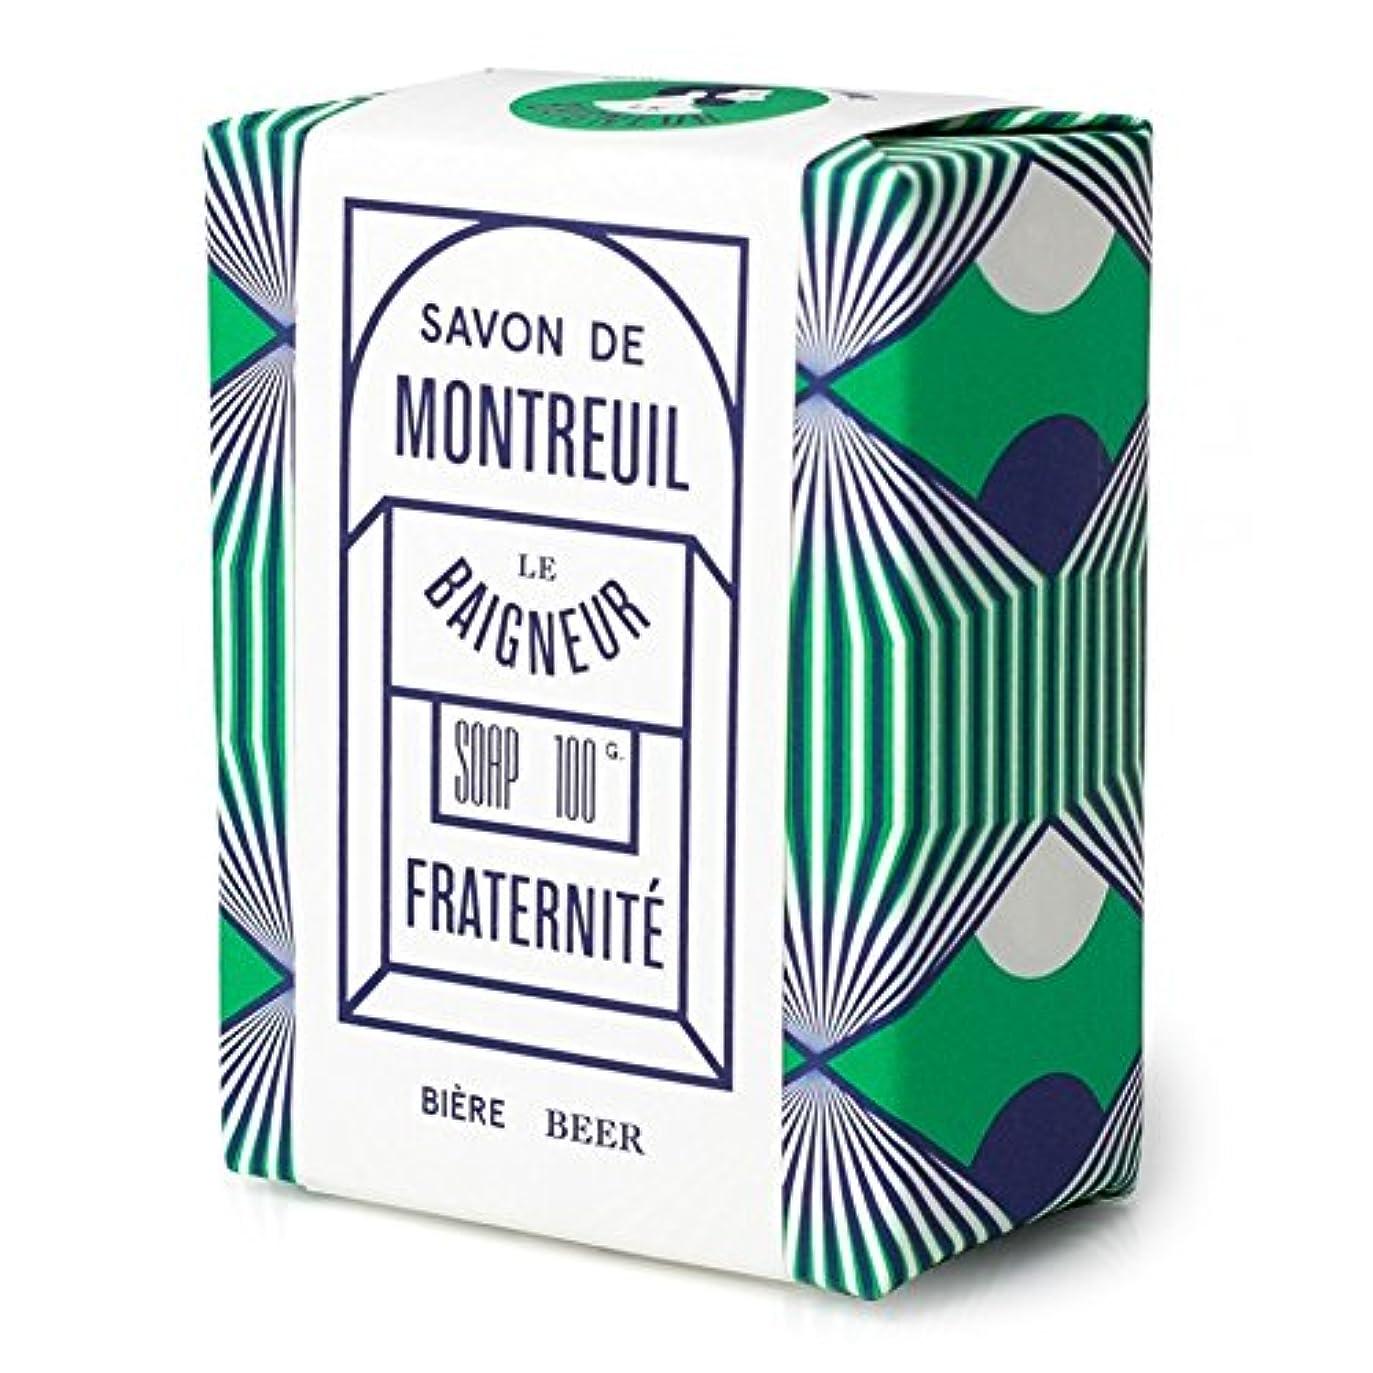 お動機喉頭Le Baigneur Fraternite Soap 100g - ル 石鹸100グラム [並行輸入品]